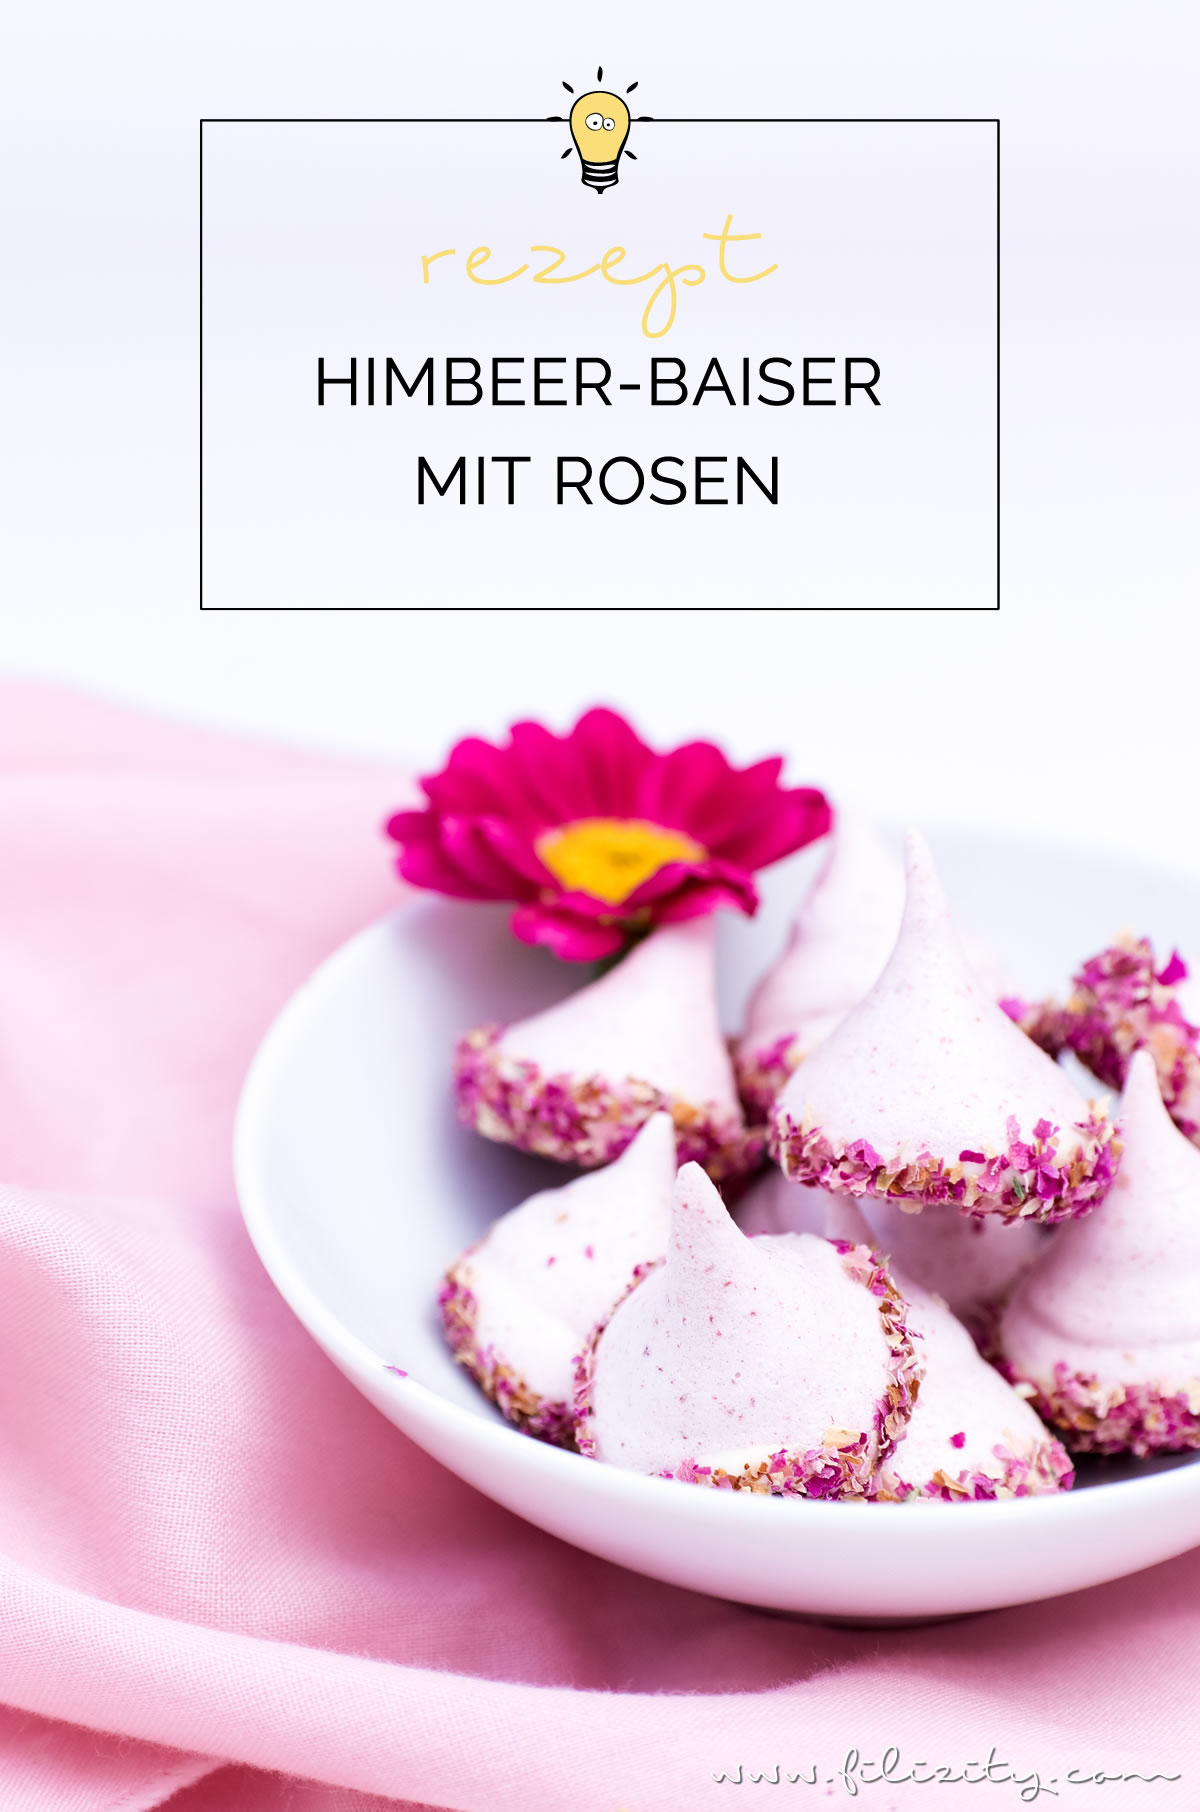 Himbeer-Baiser mit Rosen - Liebesbotschaft aus der Küche | Baiser-Rezept mit Himbeeren, weißer Schokolade und Rosen | Filizity.com | Food-Blog aus dem Rheinland #muttertag #geschenkidee #valentinstag